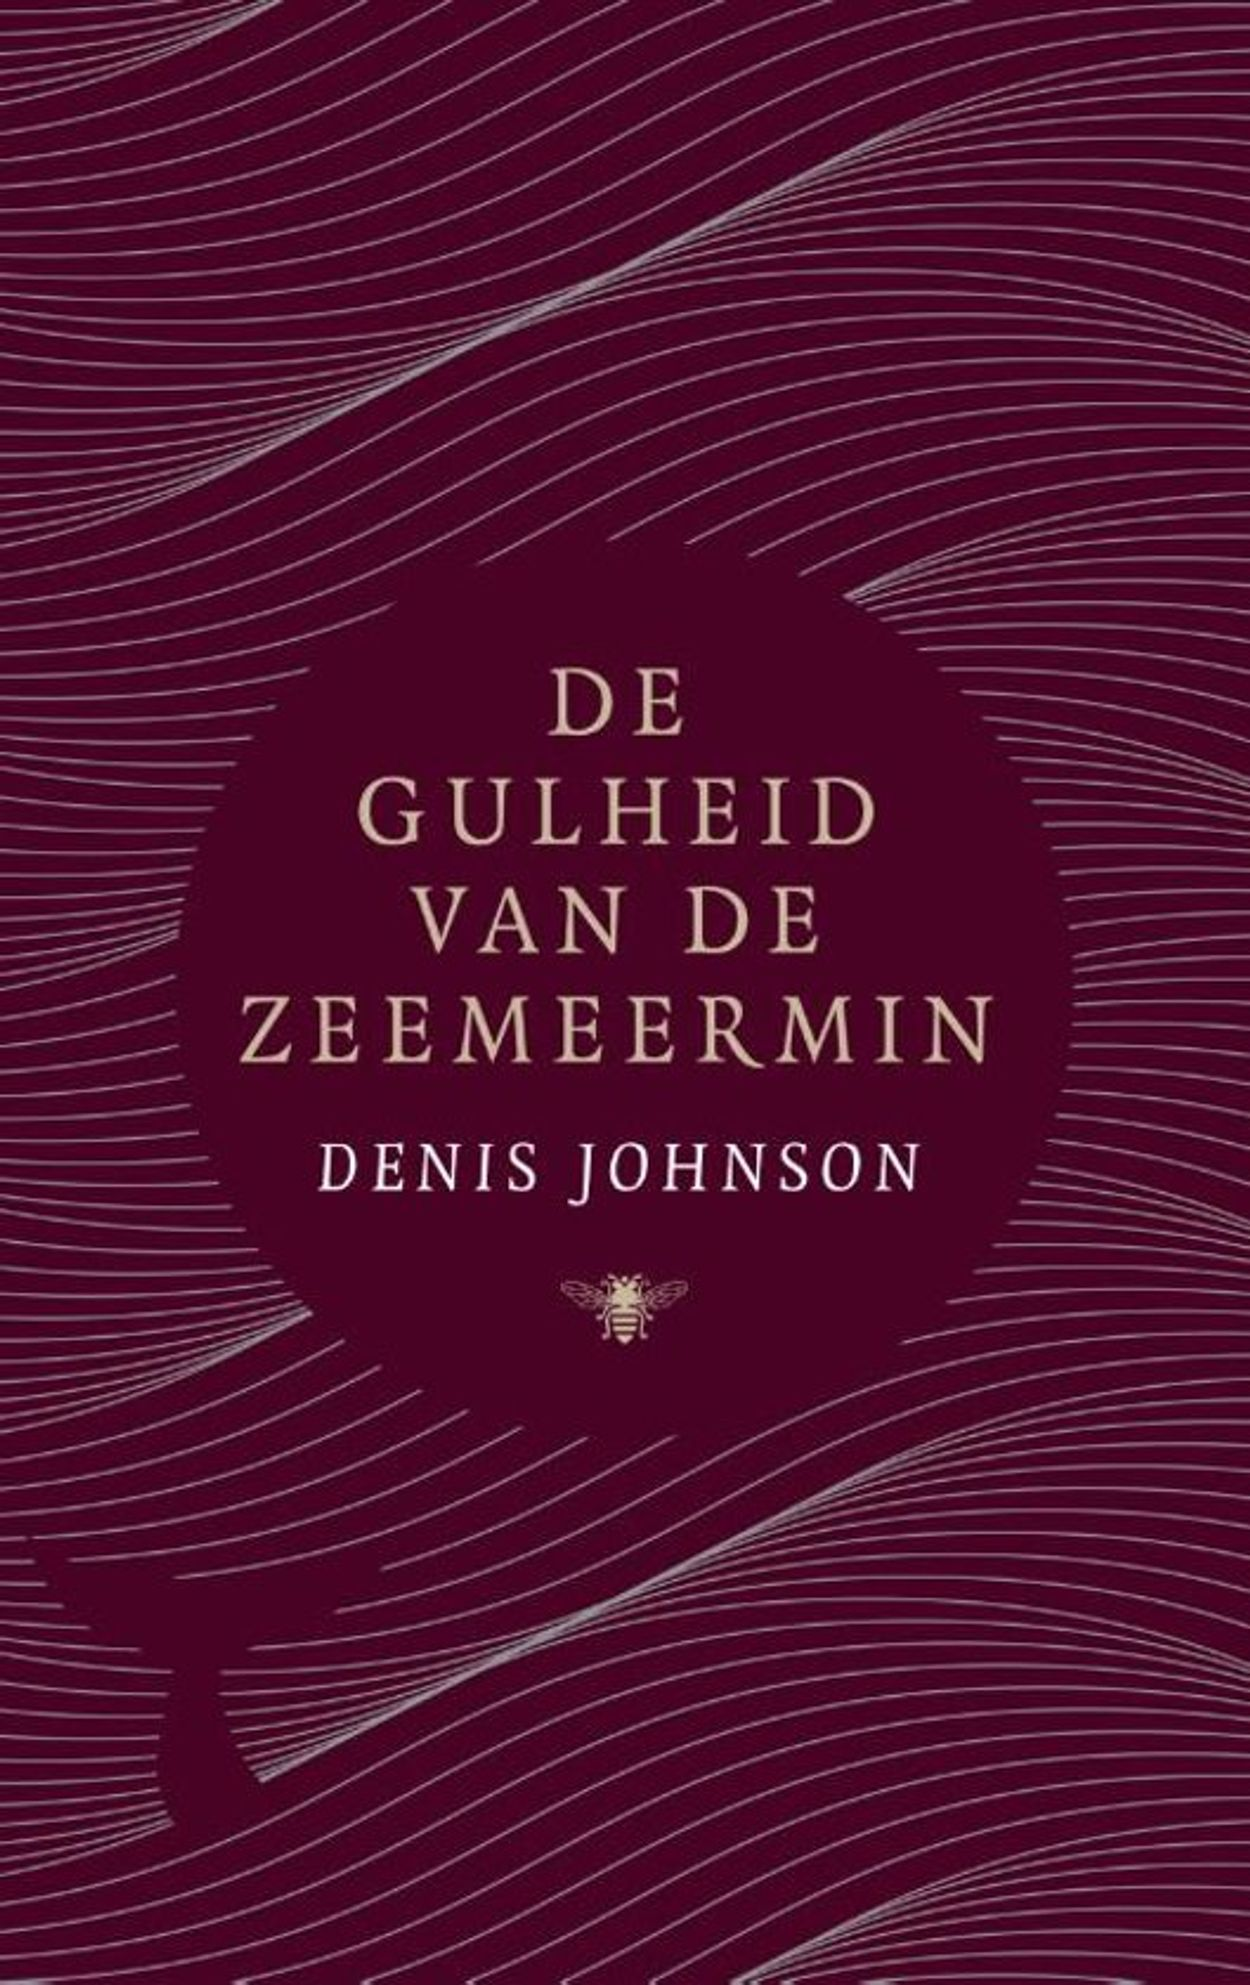 Denis Johnson – De gulheid van de zeemeermin